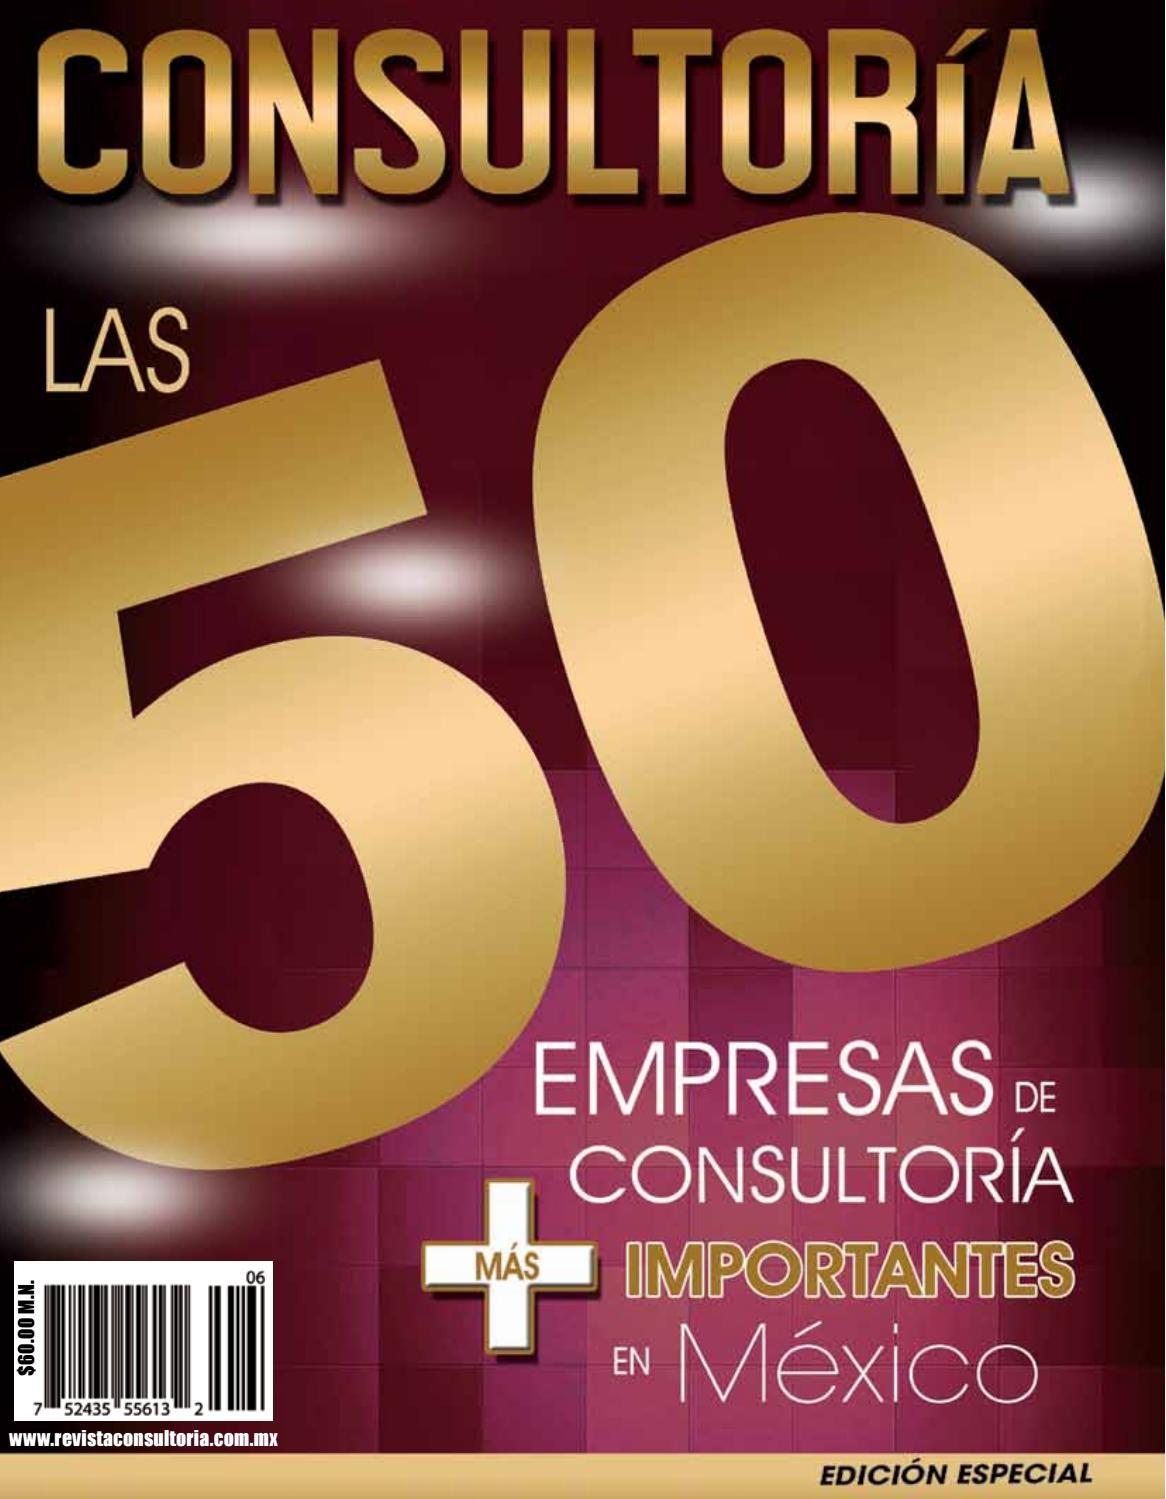 REVISTA CONSULTORIA Edición Especial 7 by Revista Consultoría - issuu